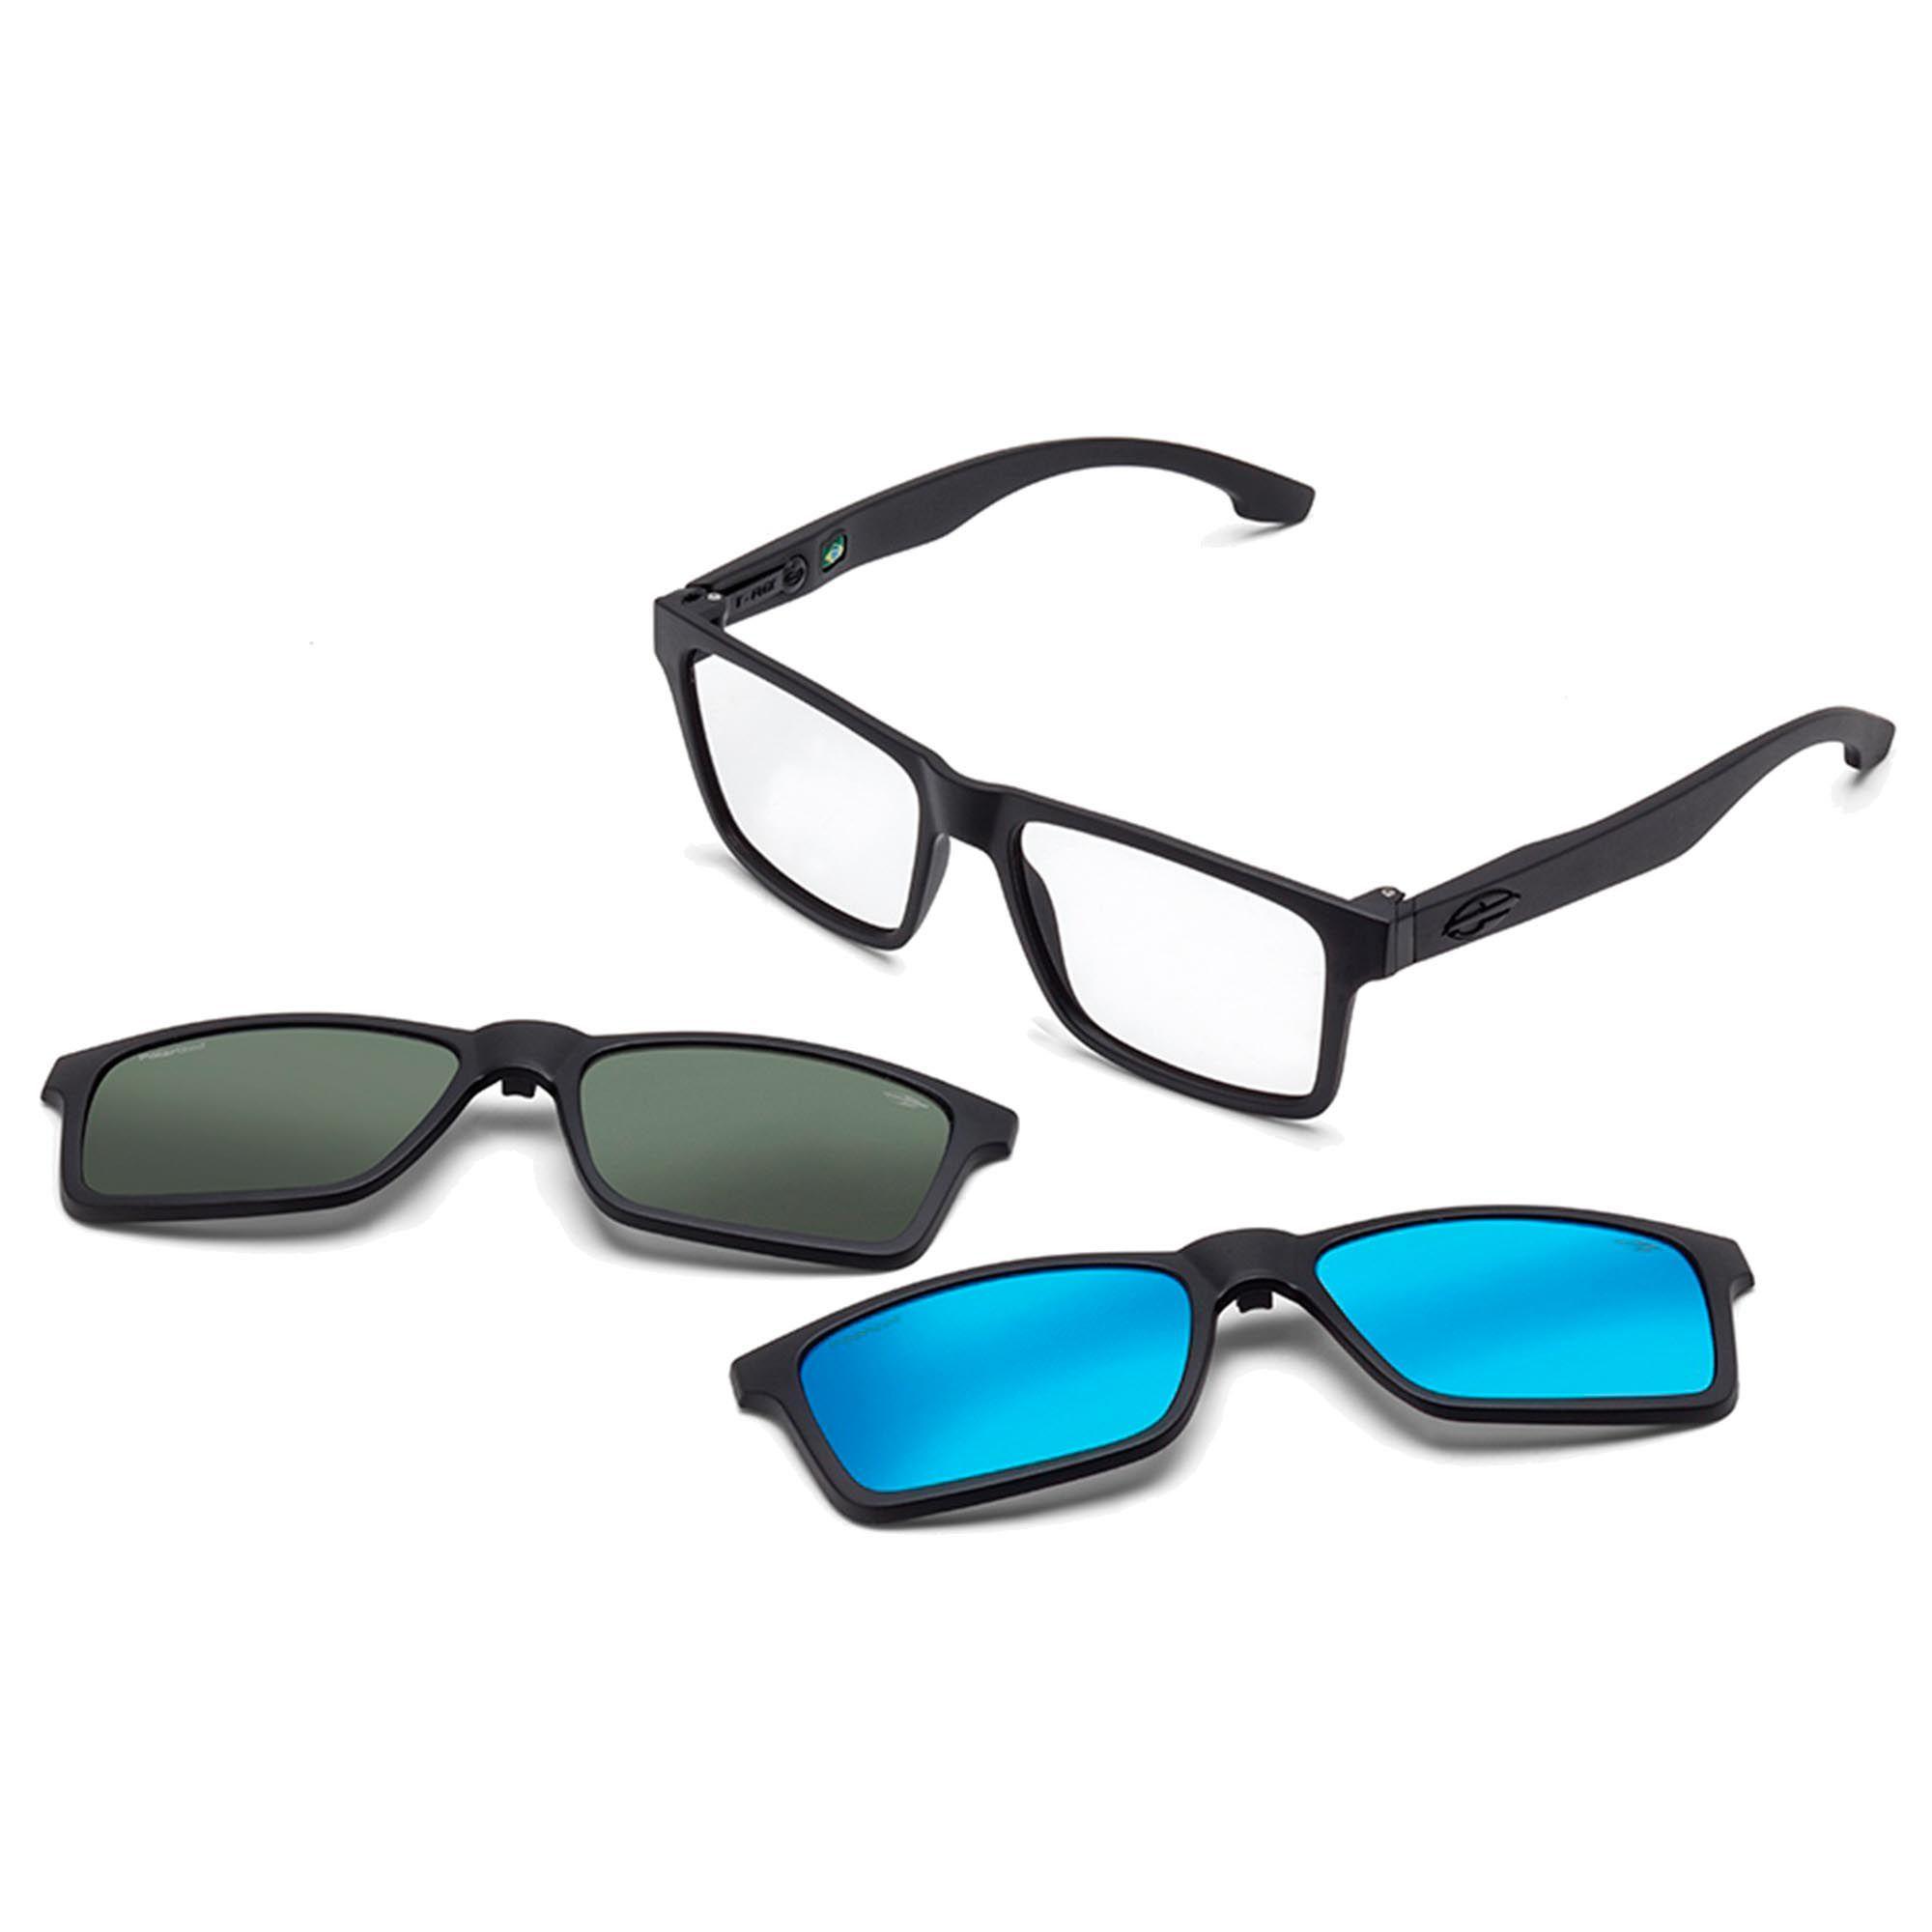 Óculos de Grau Unissex Mormaii Swap M6057ACE56 Clip On Solar Polarizado